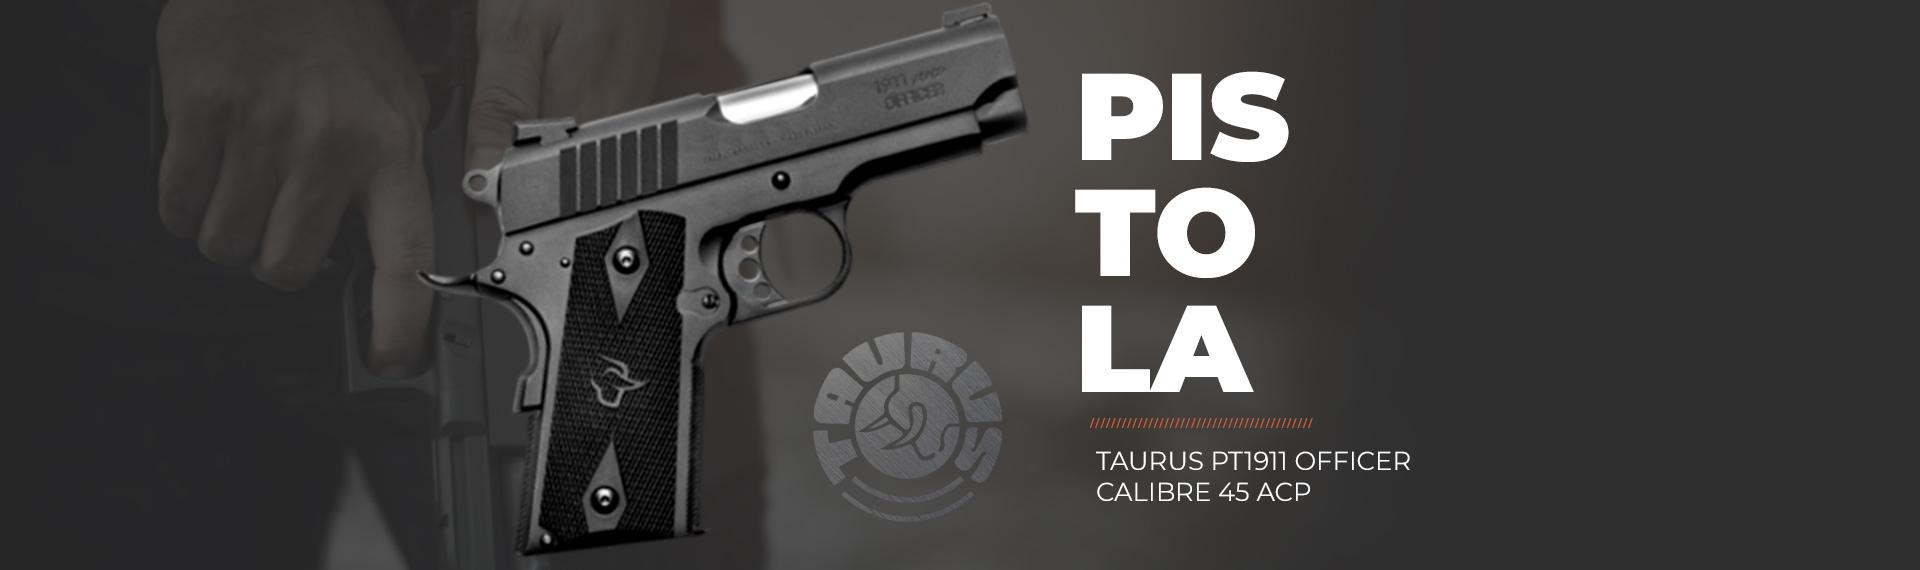 Pistola Taurus PT1911 Officer Calibre 45 ACP